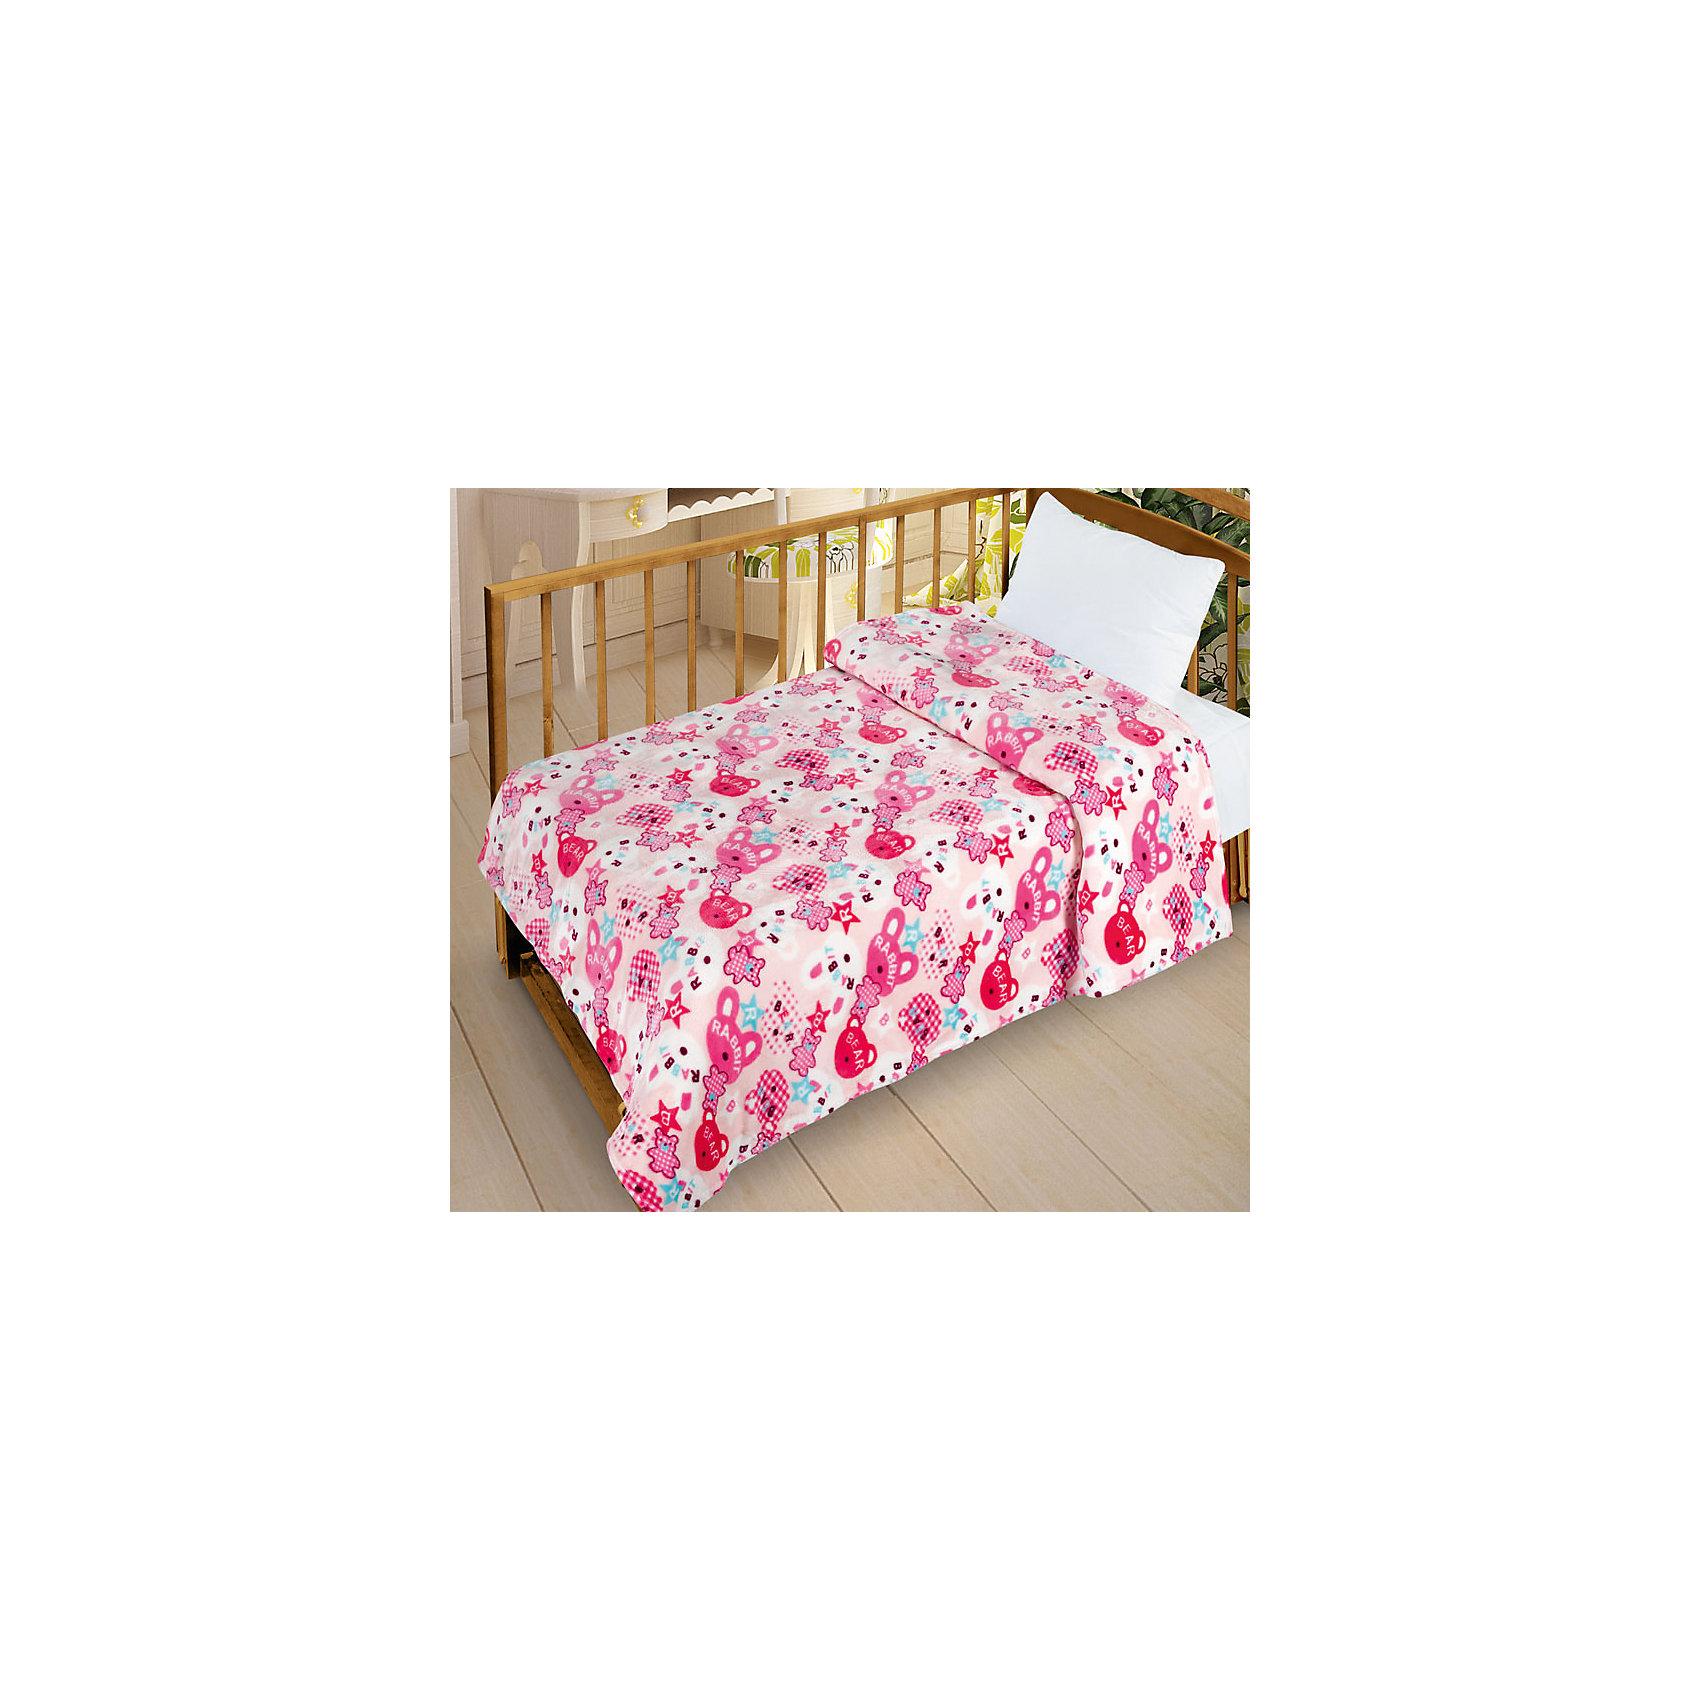 Letto Плед  Велсофт-беби в кроватку VB08, 95х130